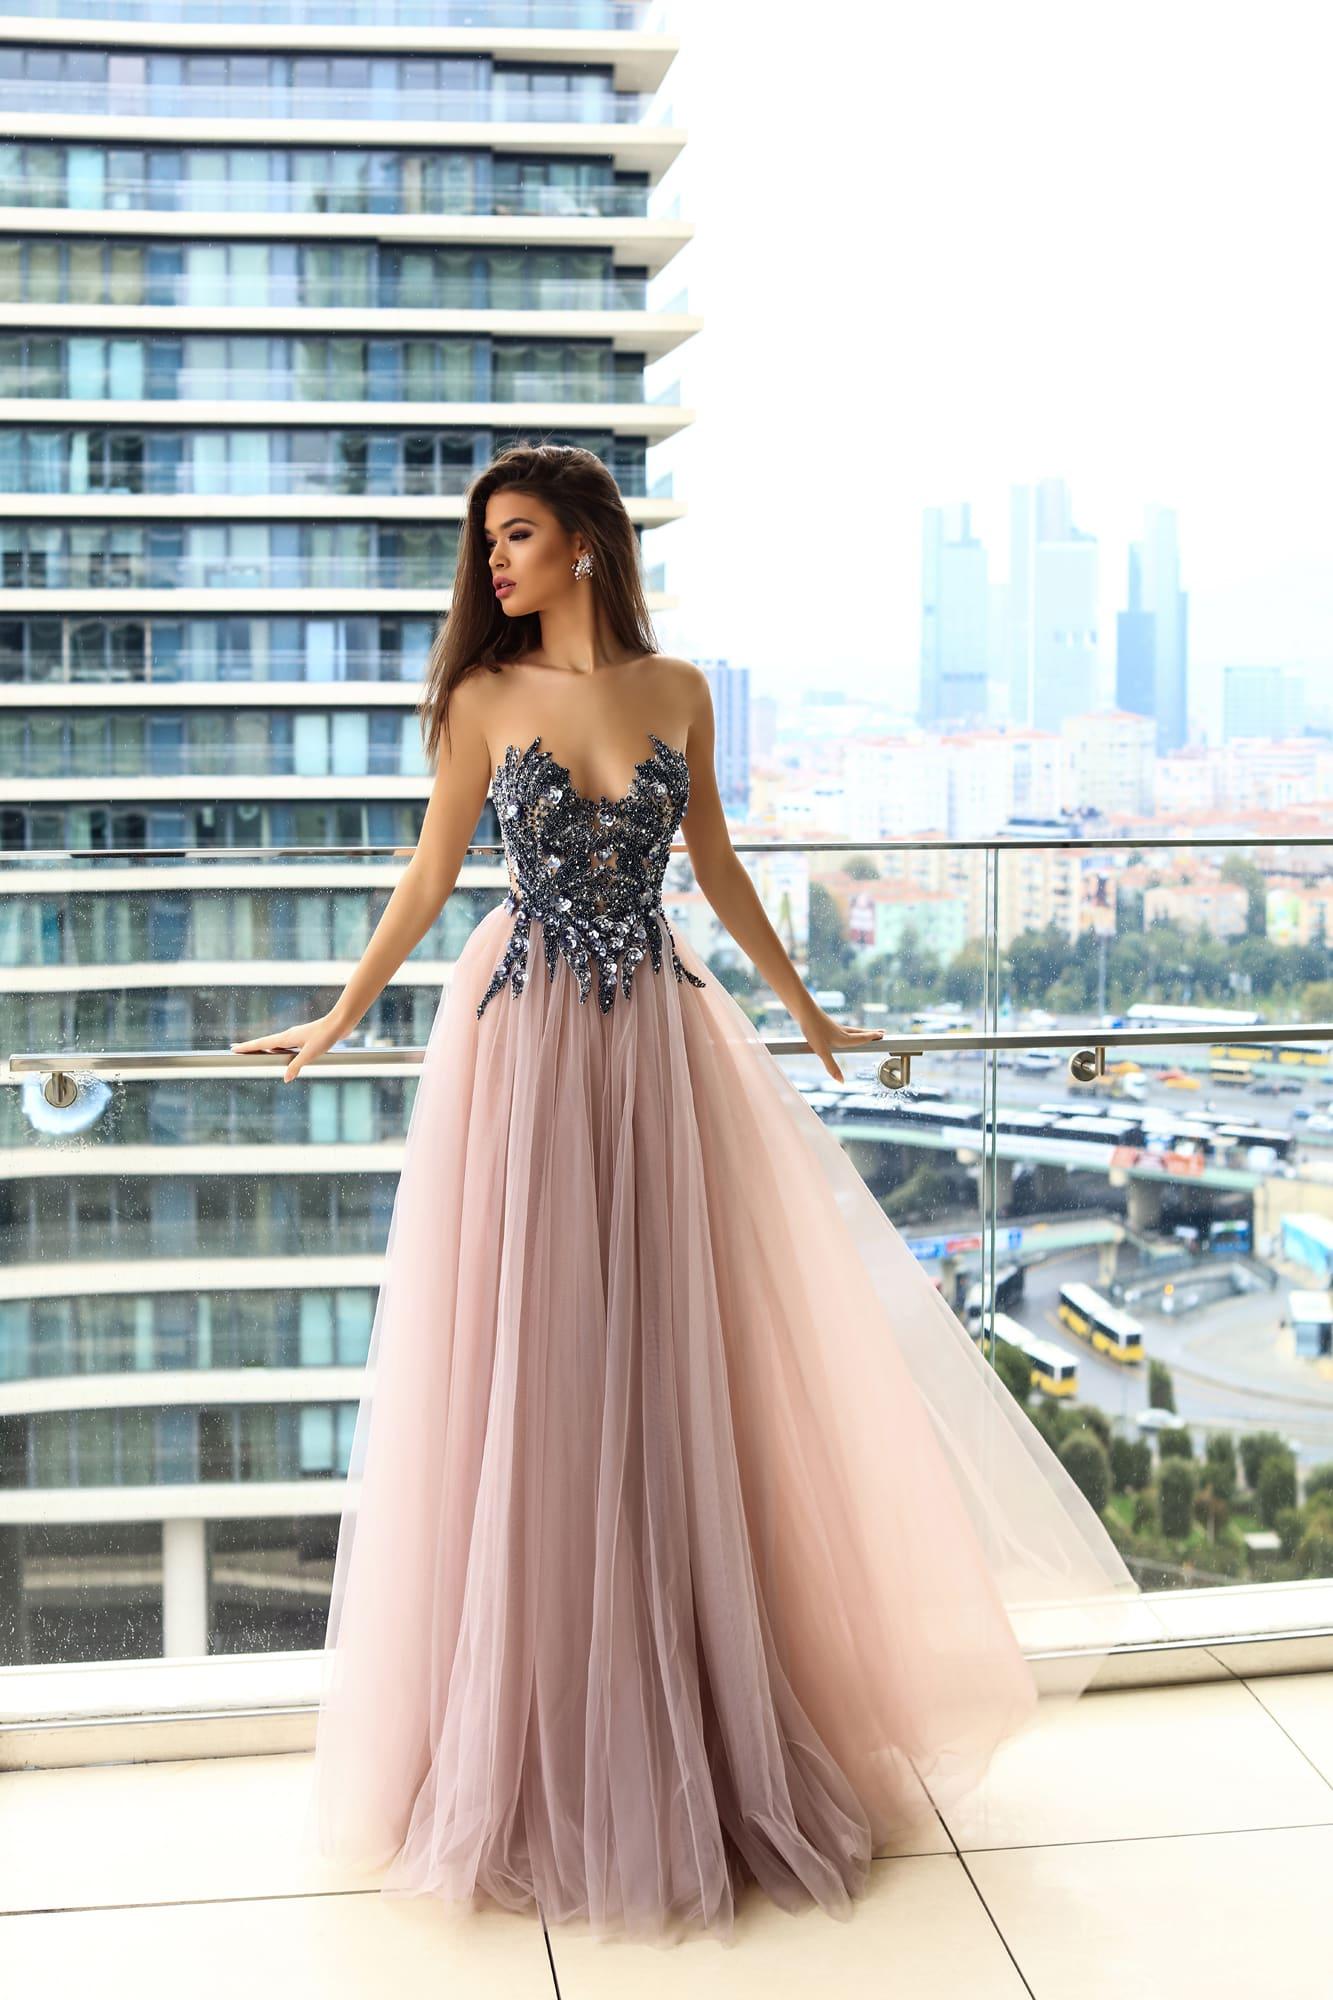 10f12ce69e9 Стильное вечернее платье с сияющим корсетом и многослойной розовой юбкой.